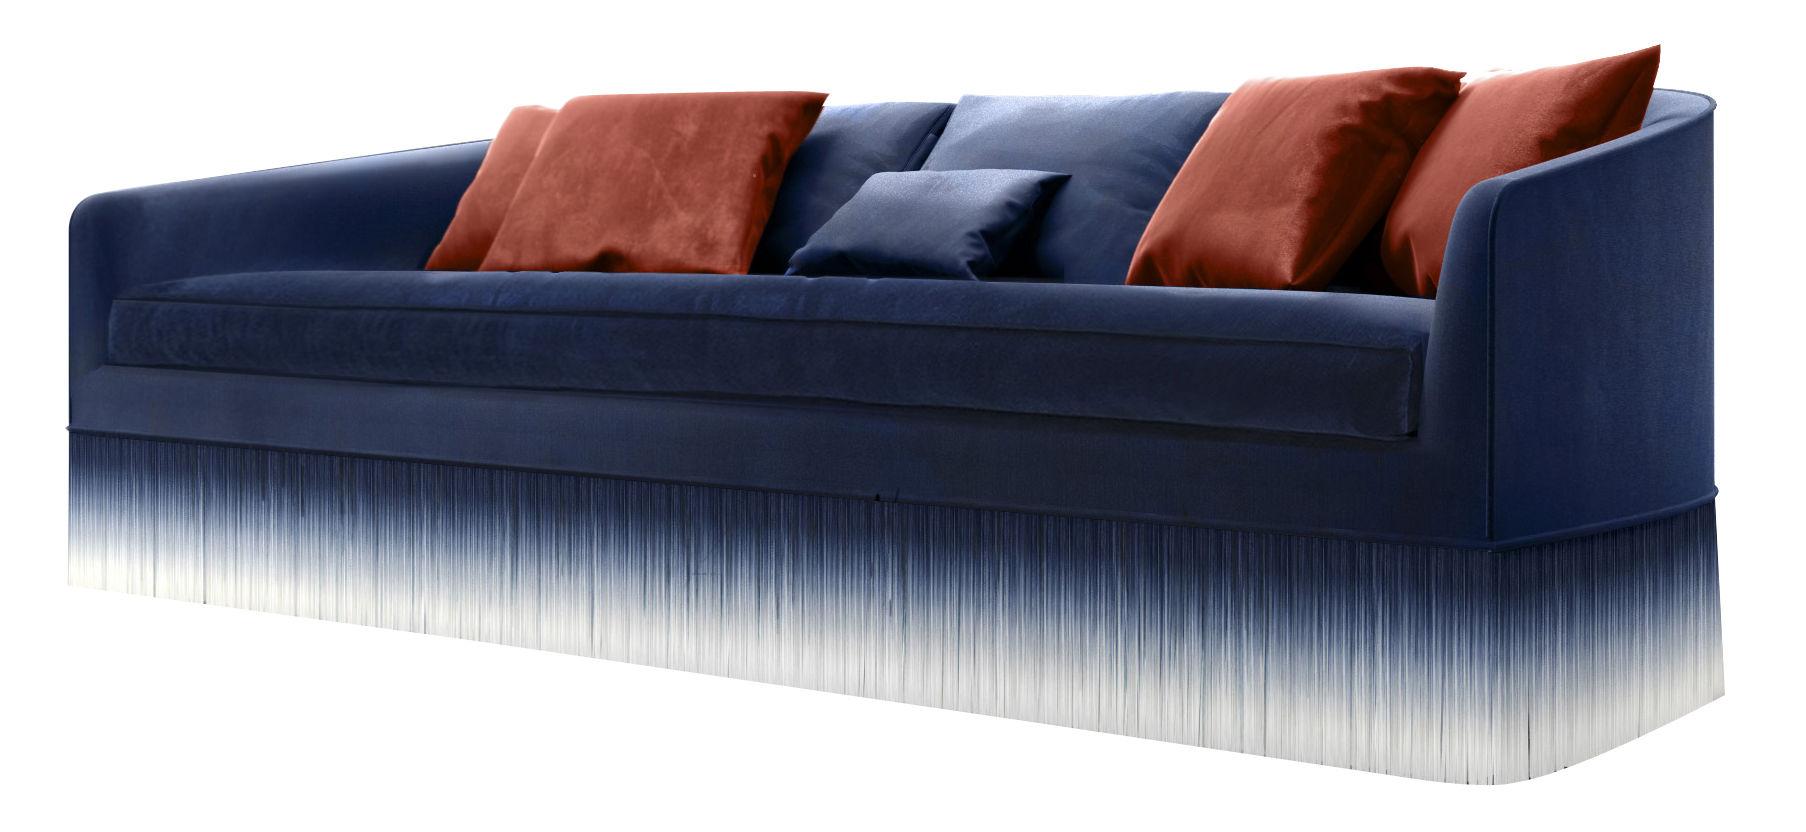 Scopri divano destro amami 3 posti l 250 cm velluto - Divano velluto blu ...